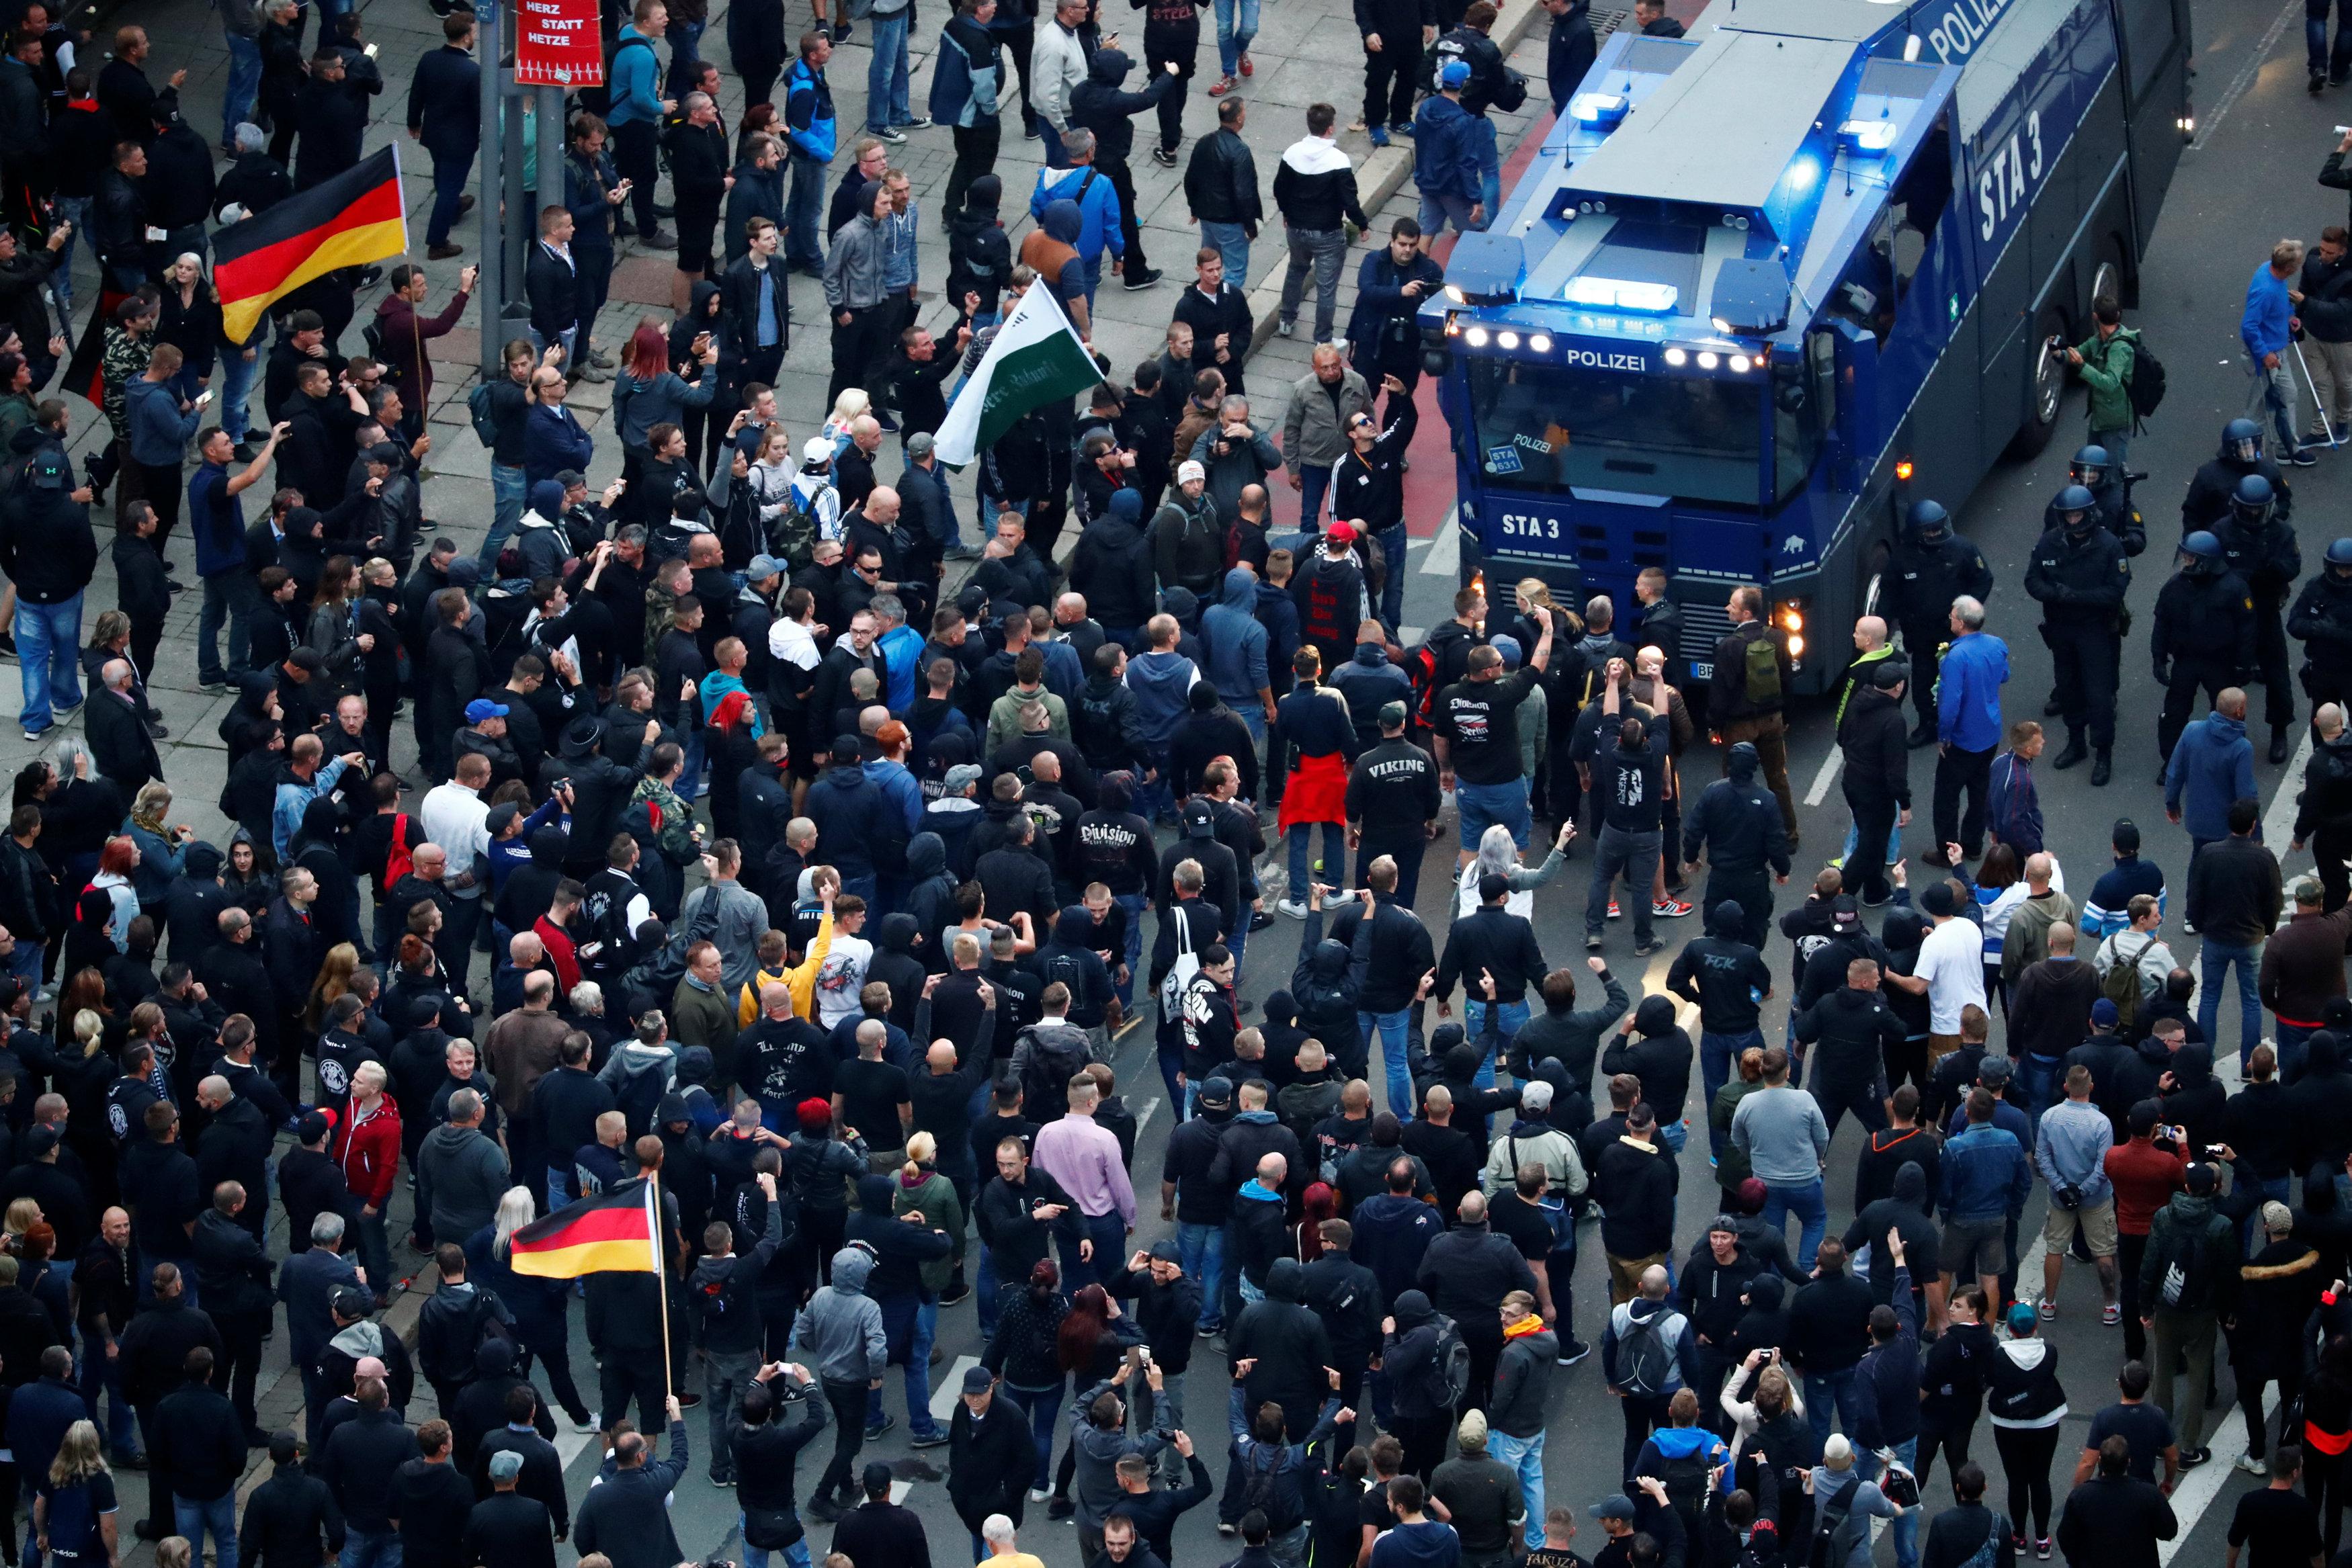 جانب من وسائل قمع الشرطة الألمانية